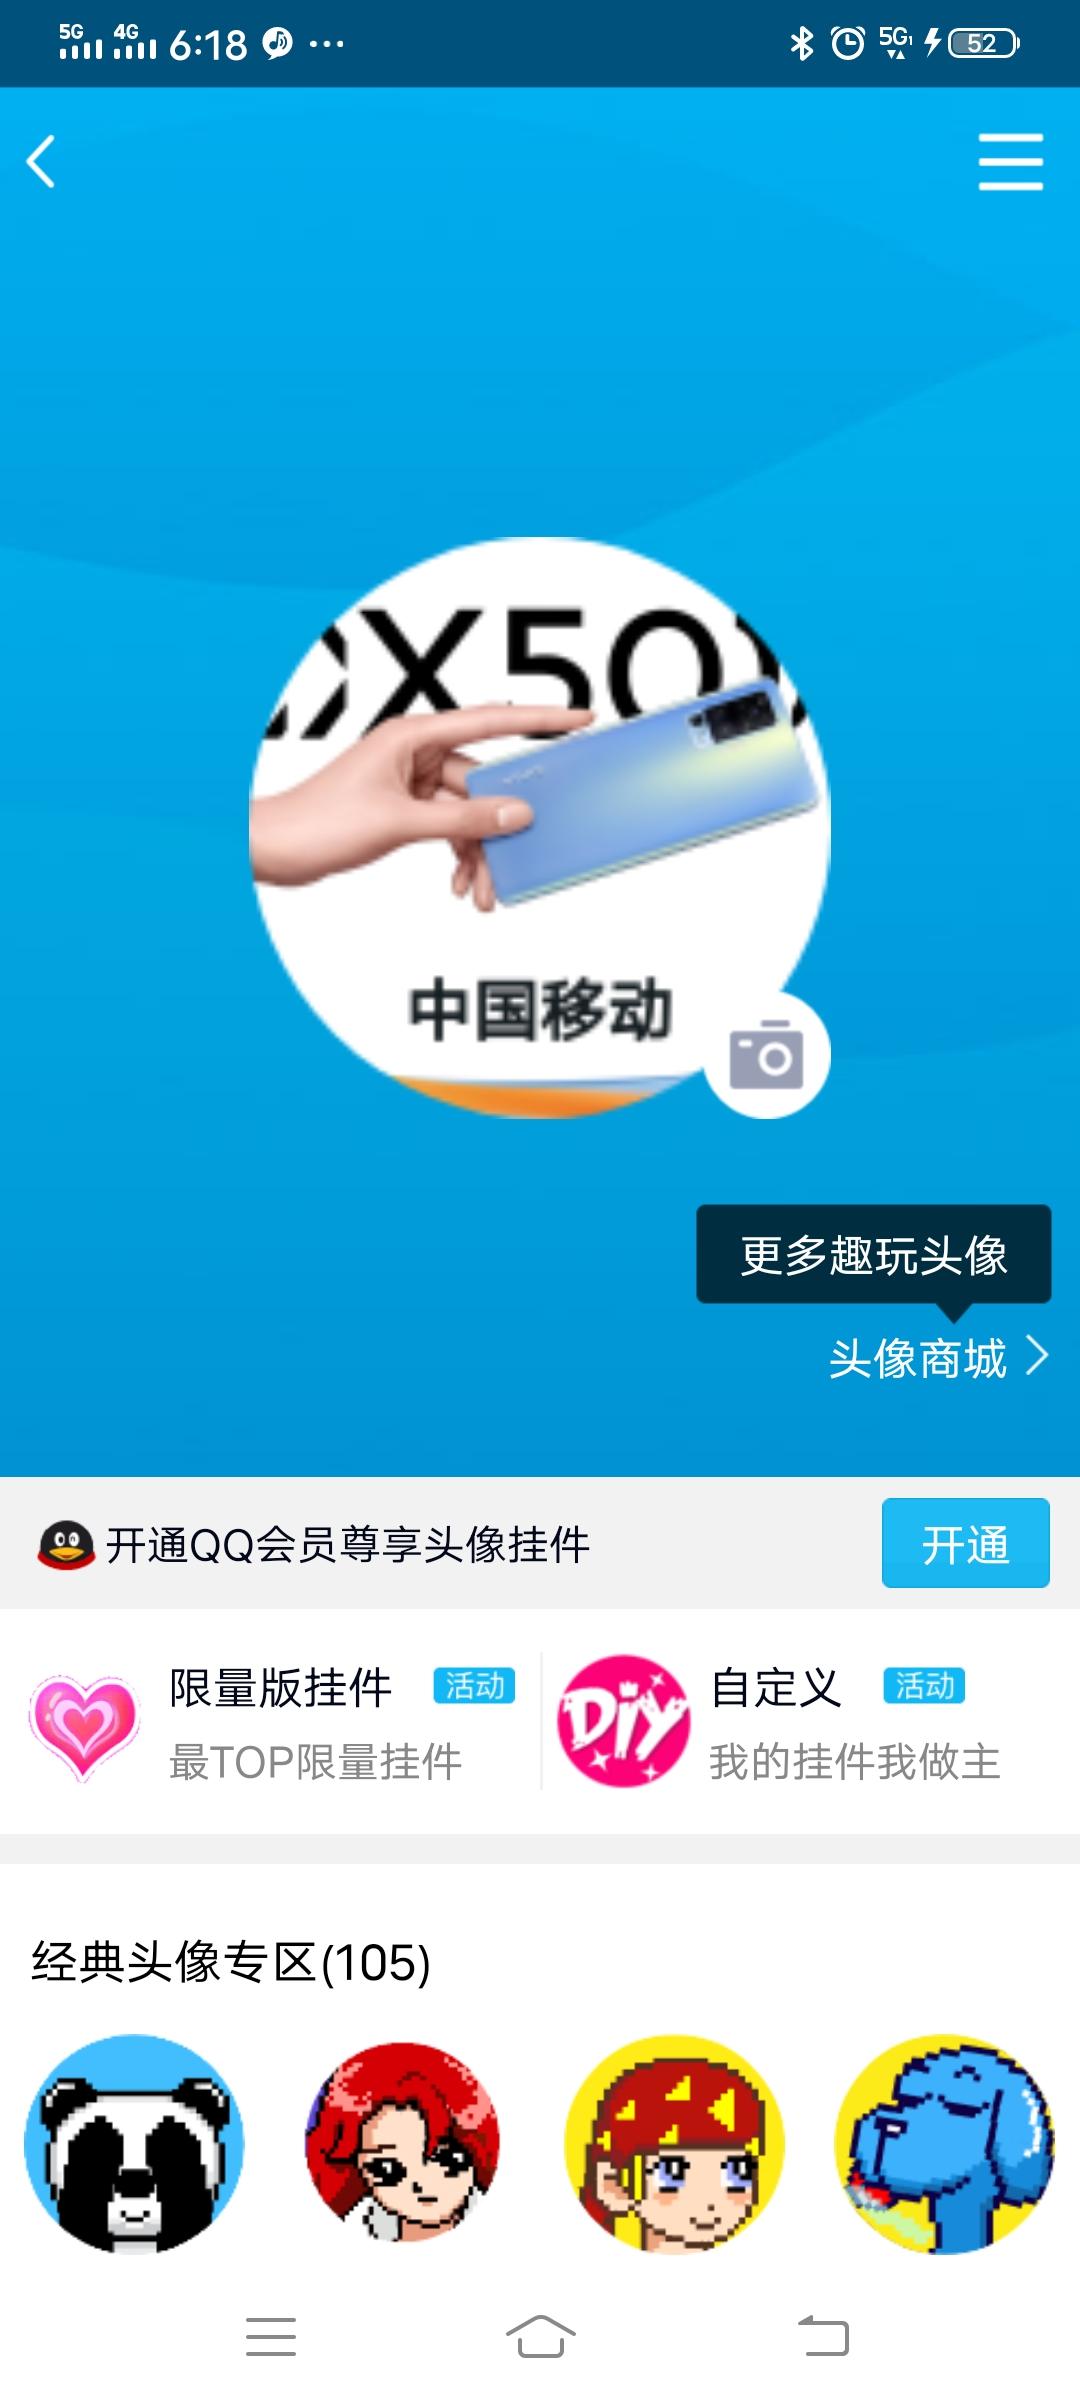 Screenshot_20200522_181804.jpg